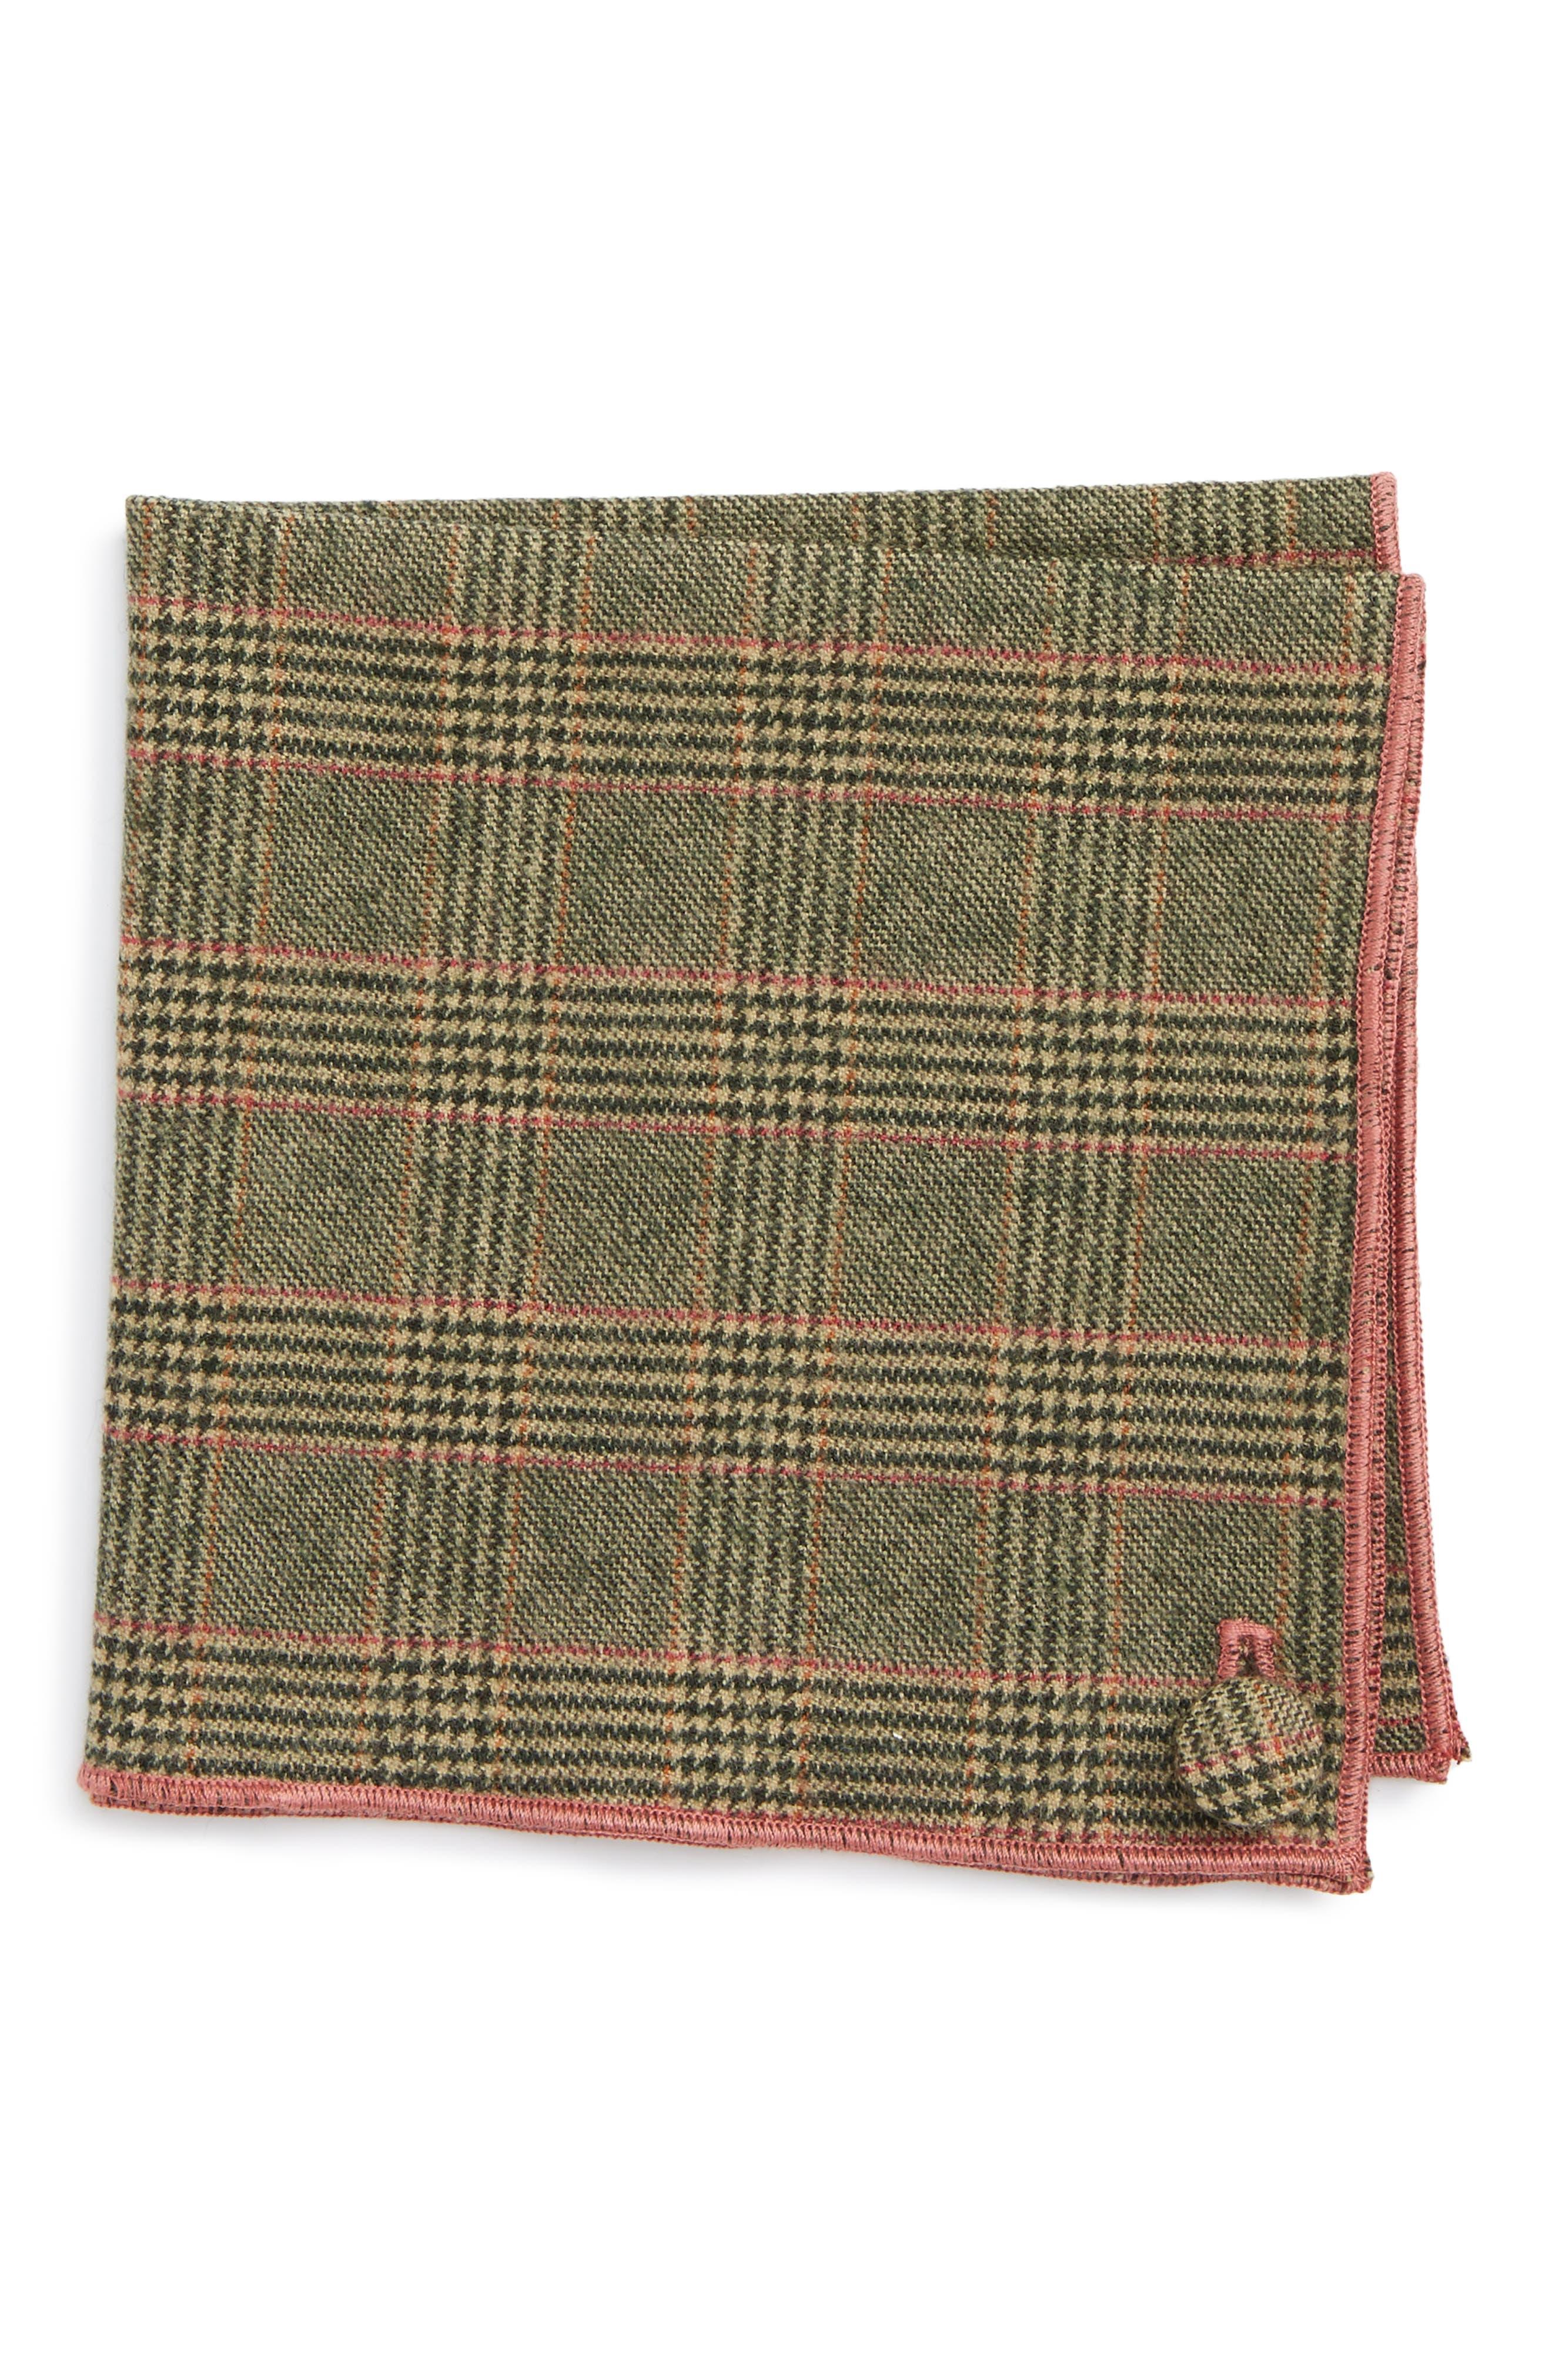 Goblin Wool Pocket Square,                             Main thumbnail 1, color,                             250